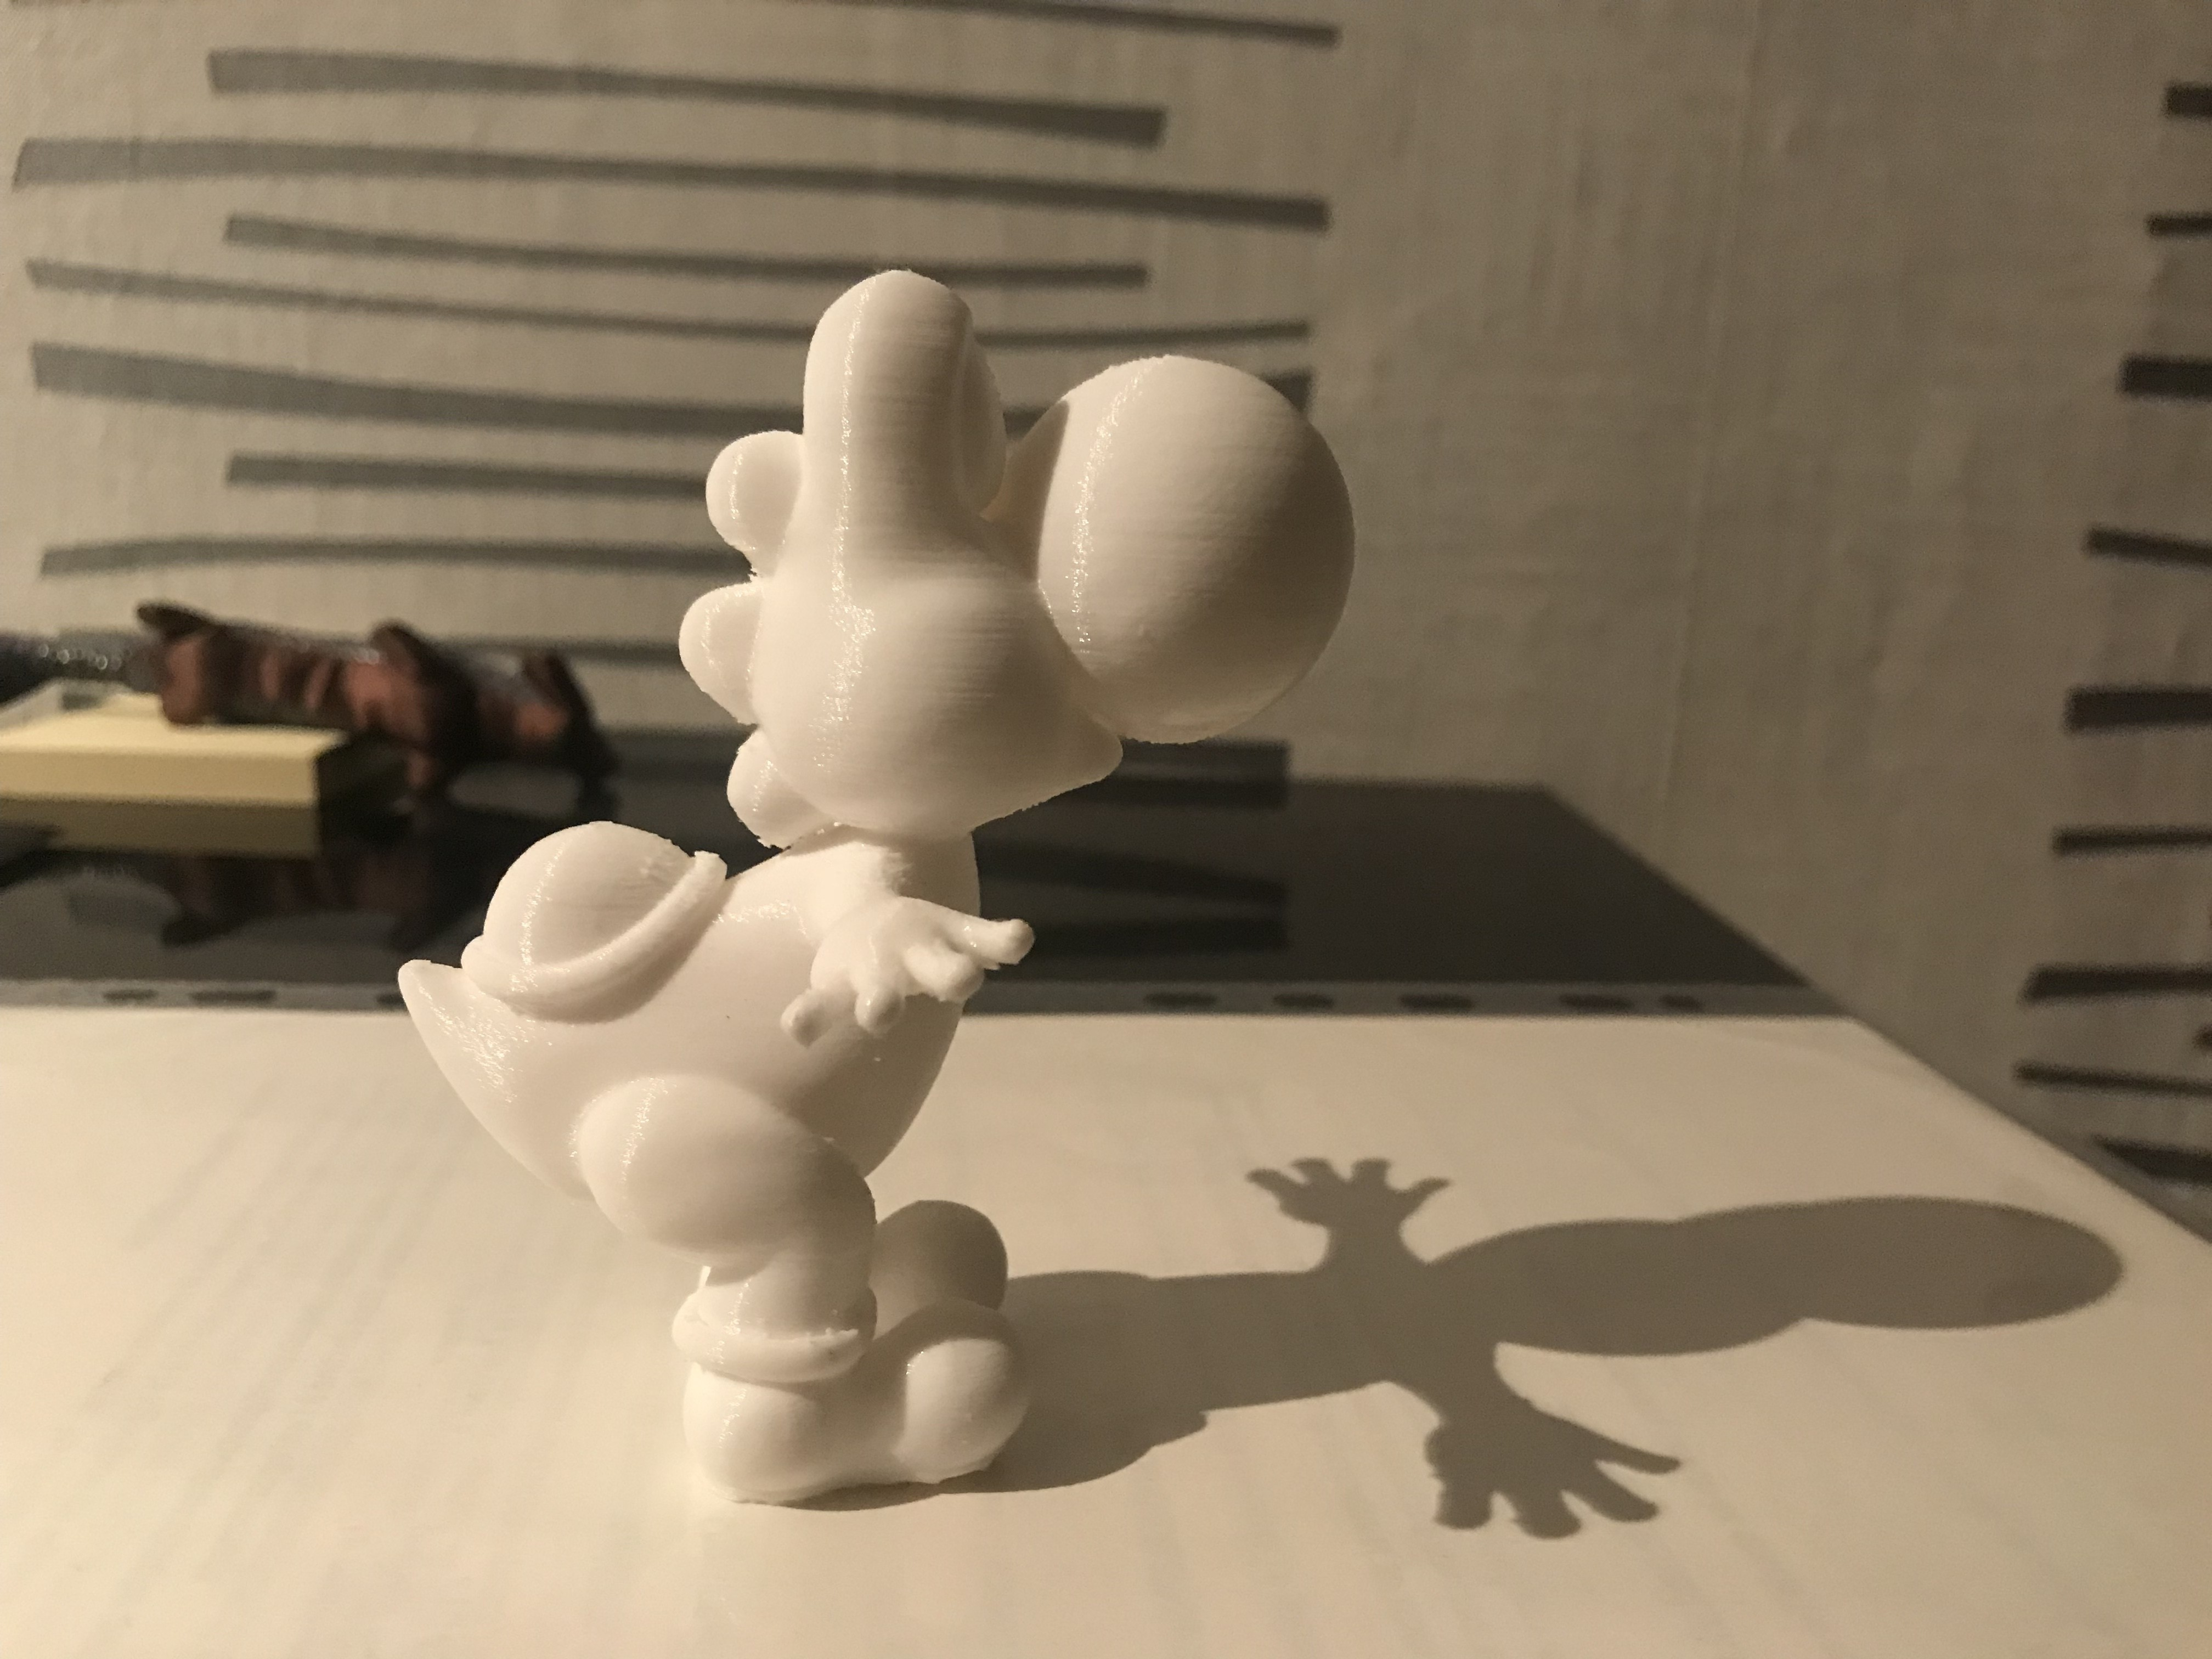 image1 (2).jpeg Download OBJ file YOSHI • 3D printer object, florianlefait62